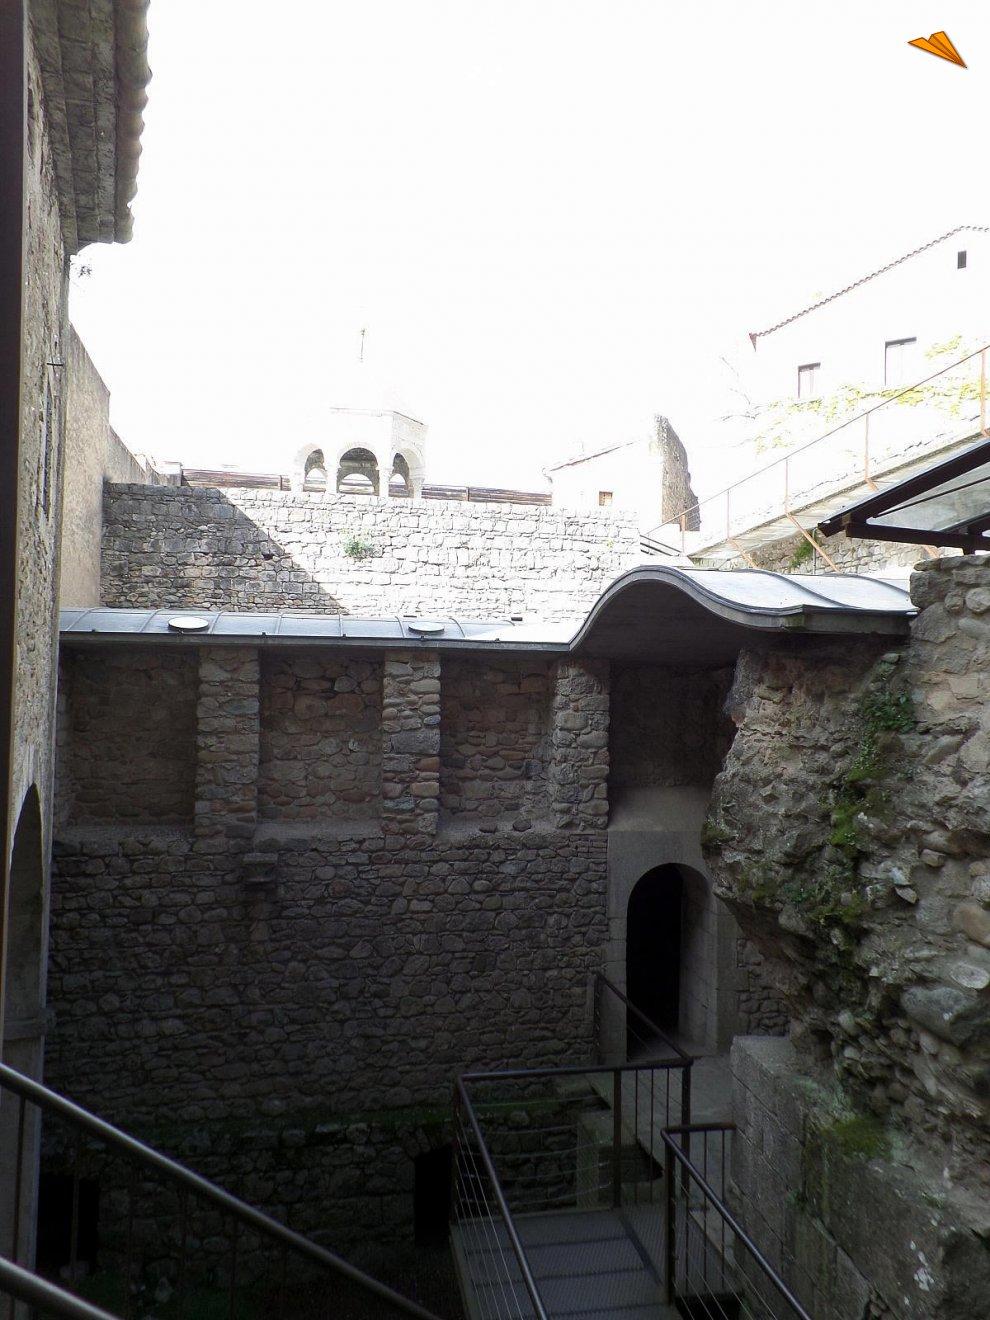 Baños Romanos Girona:Horno y calderas de los Baños Árabes de Gerona Fotos de viajes